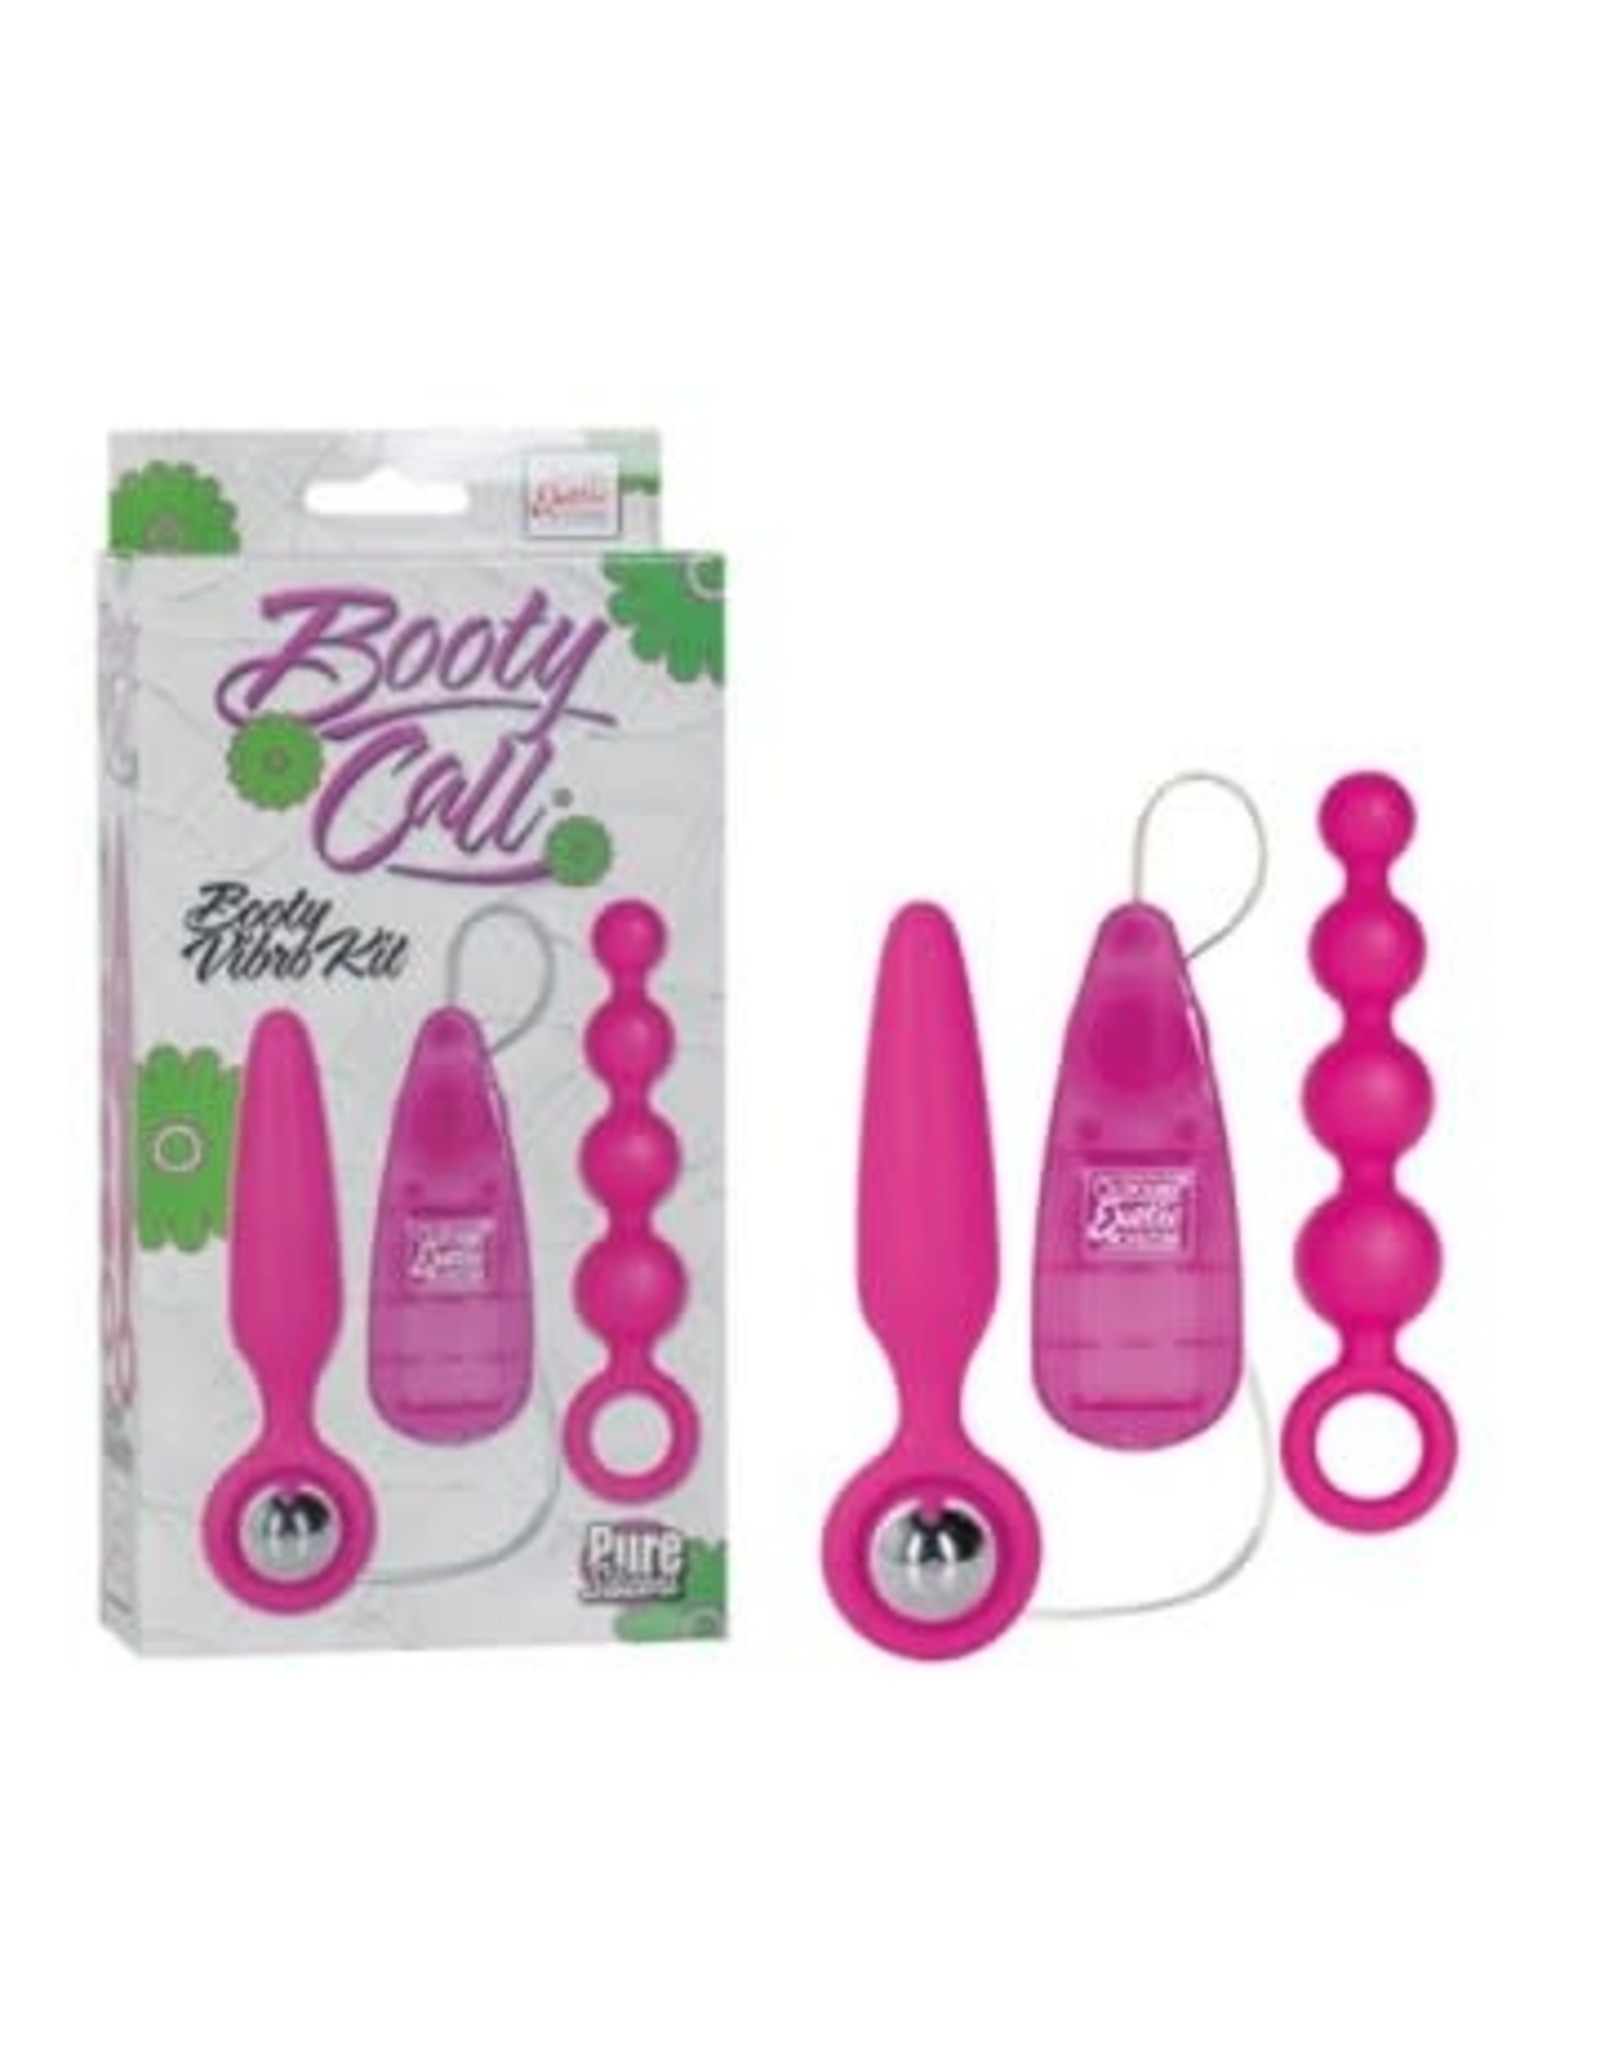 Booty Call Vibro Kit Pink